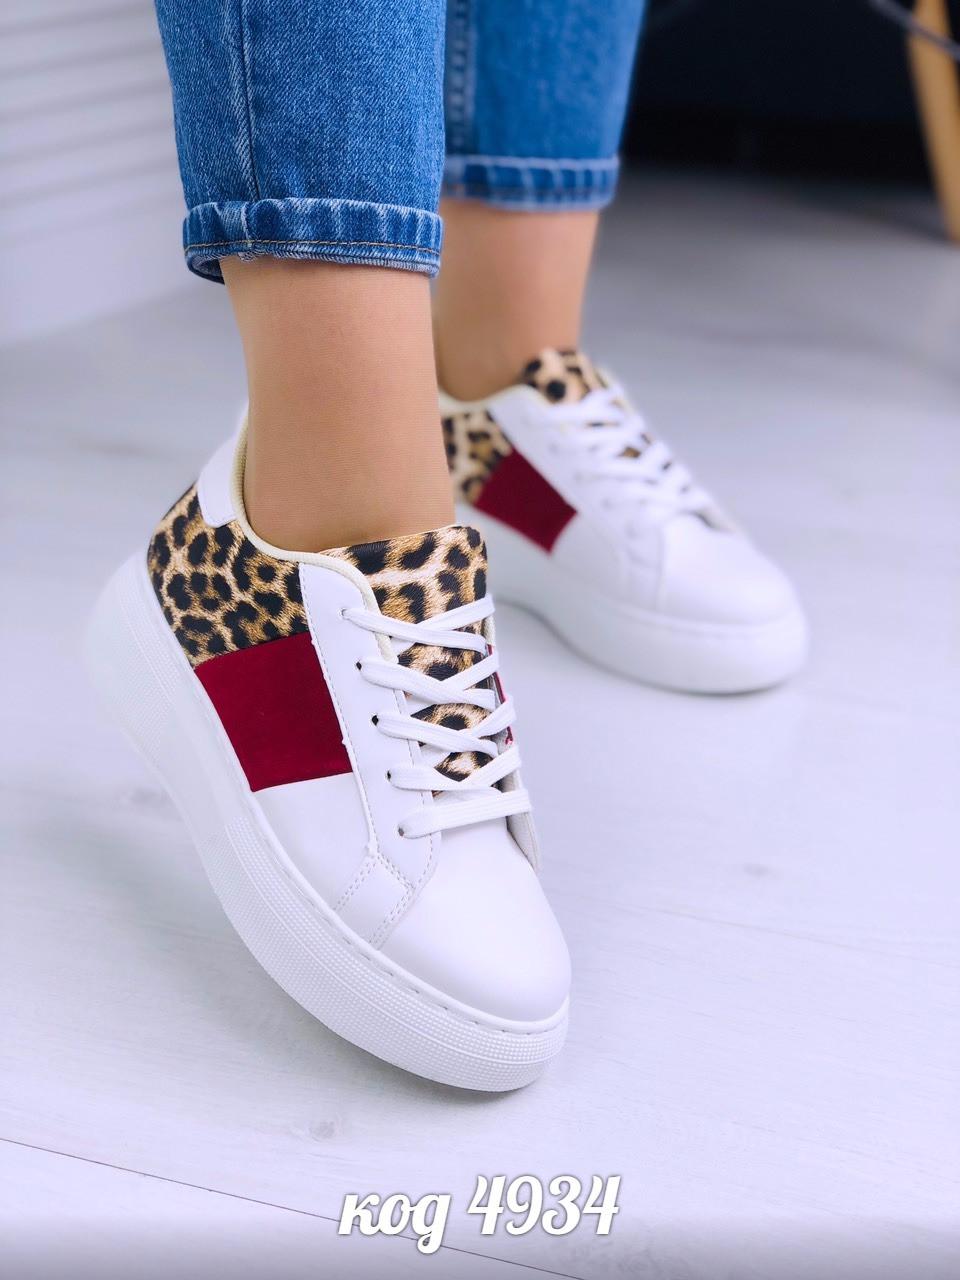 332b931b4e9baa Кеды криперы женские На широкую ножку на высокой белой платформе со  вставками леопардового принта - VK